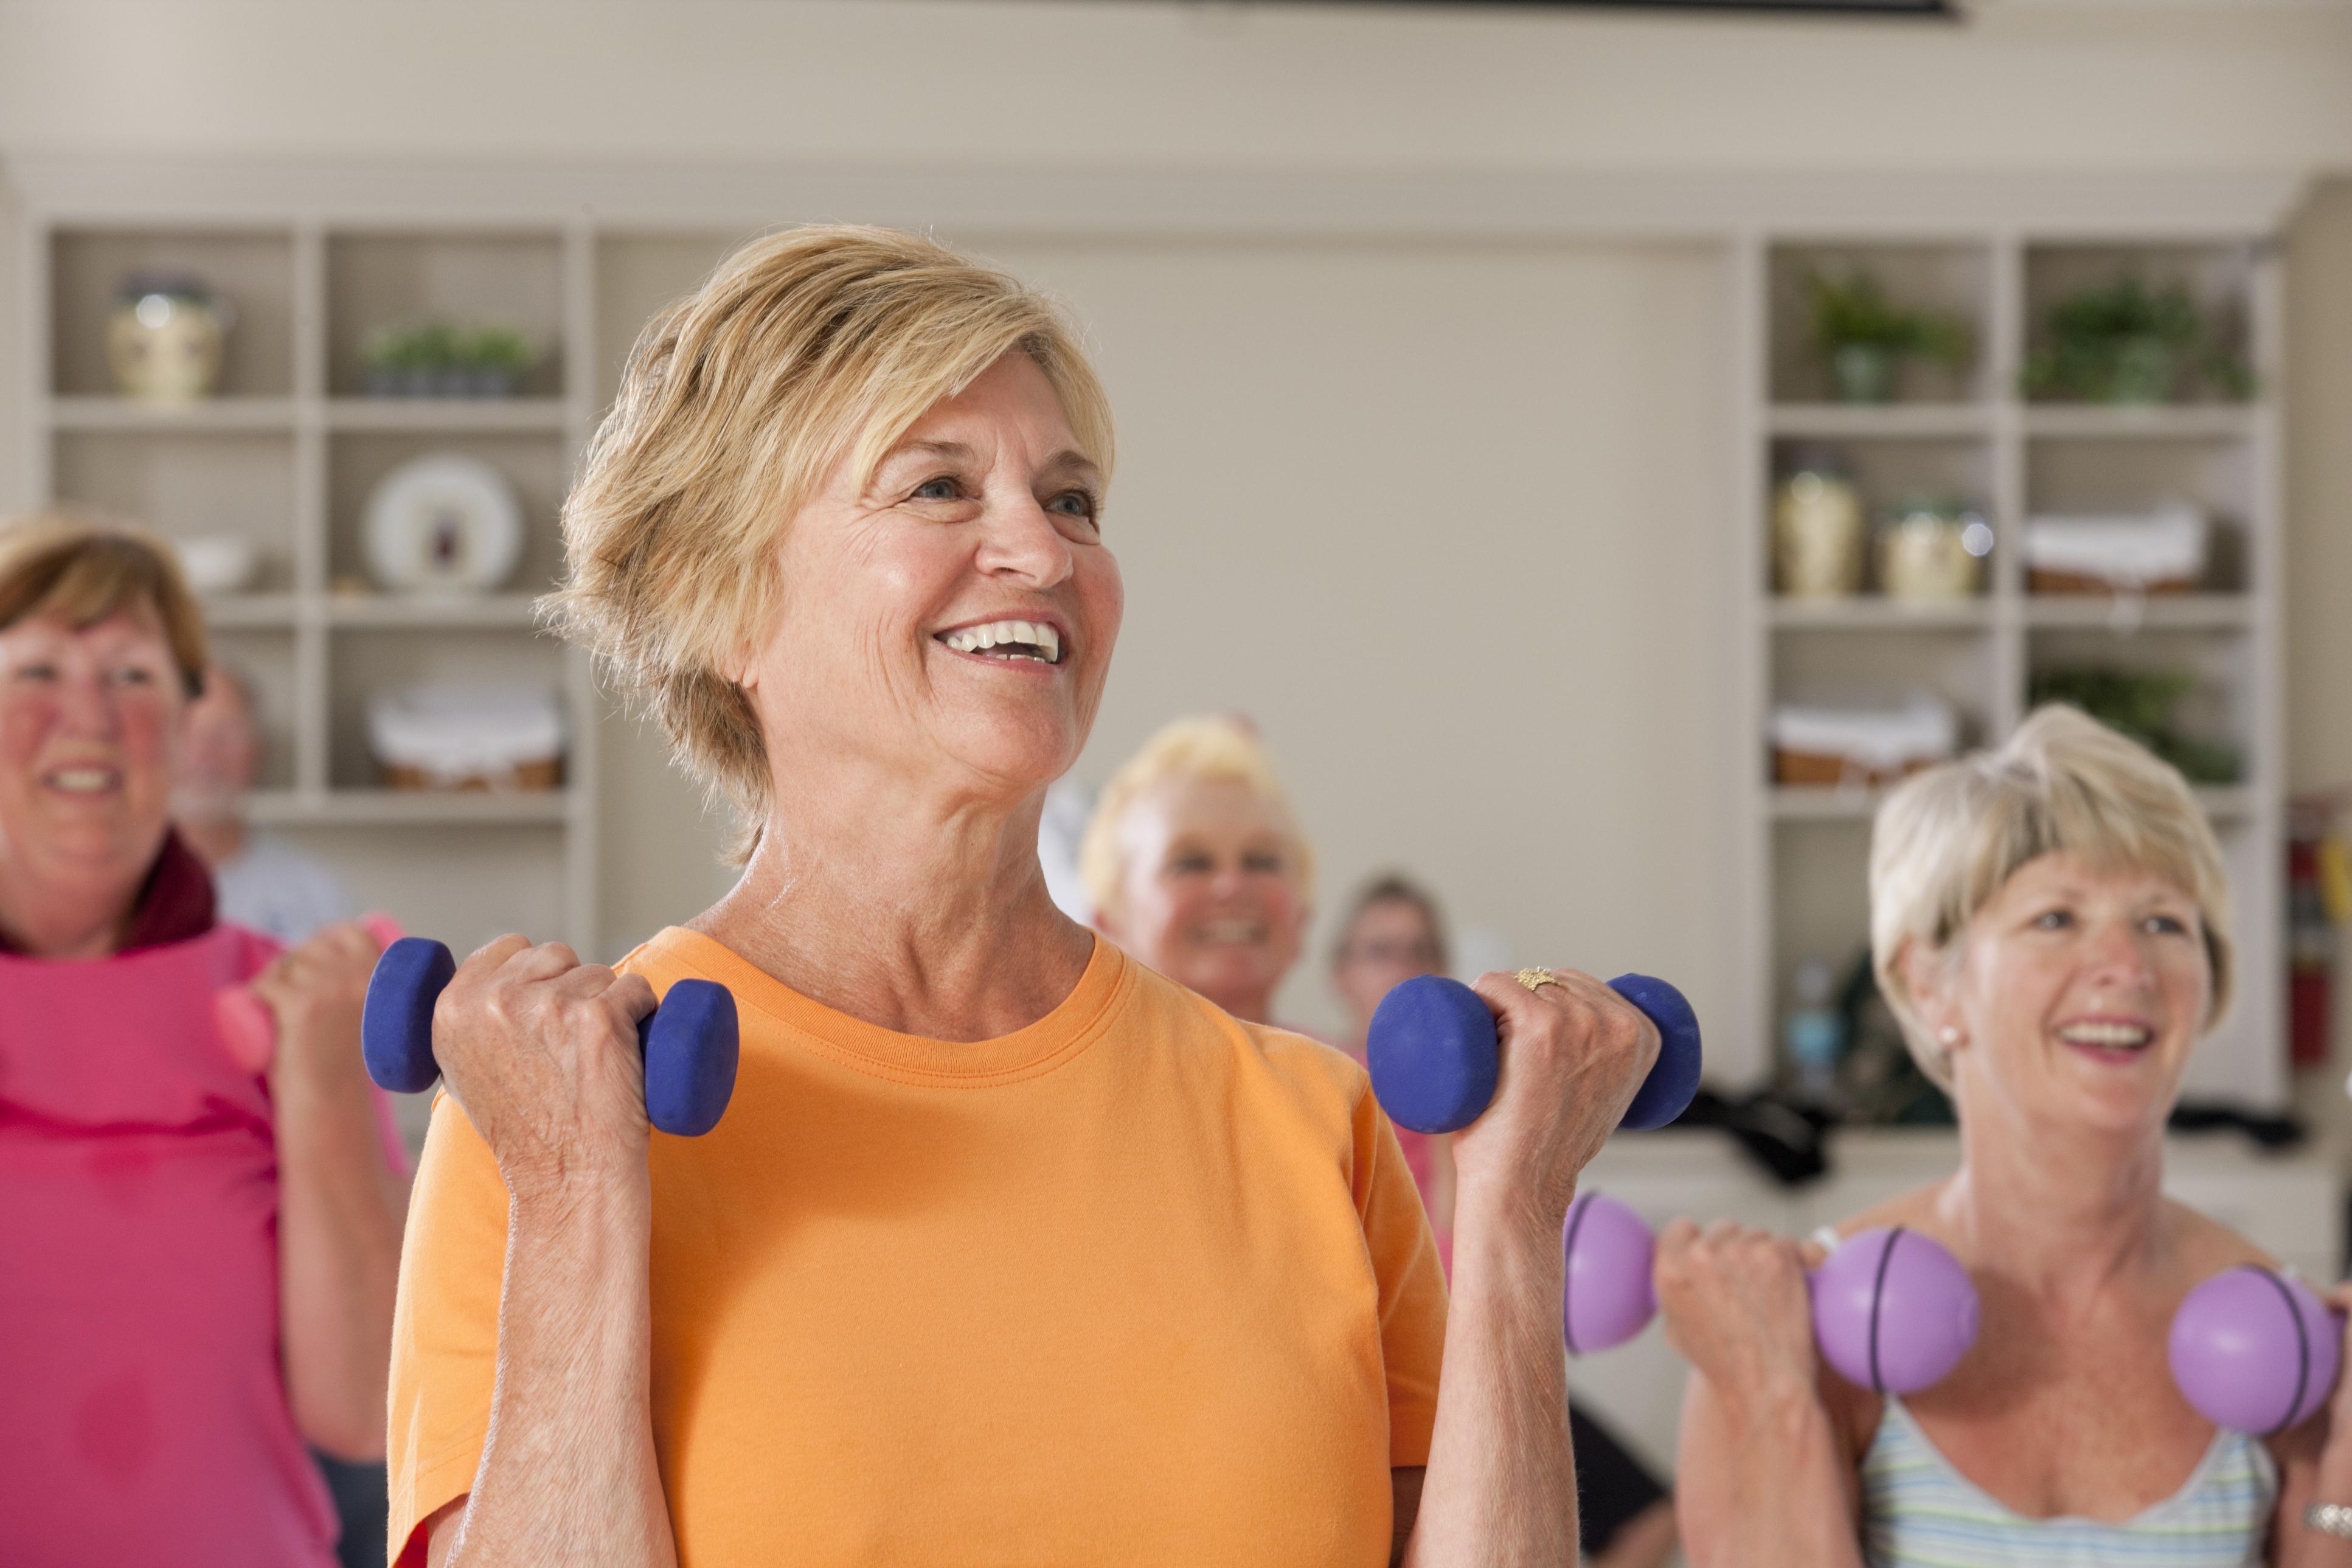 Styrketräning kan förbättra din hjärna